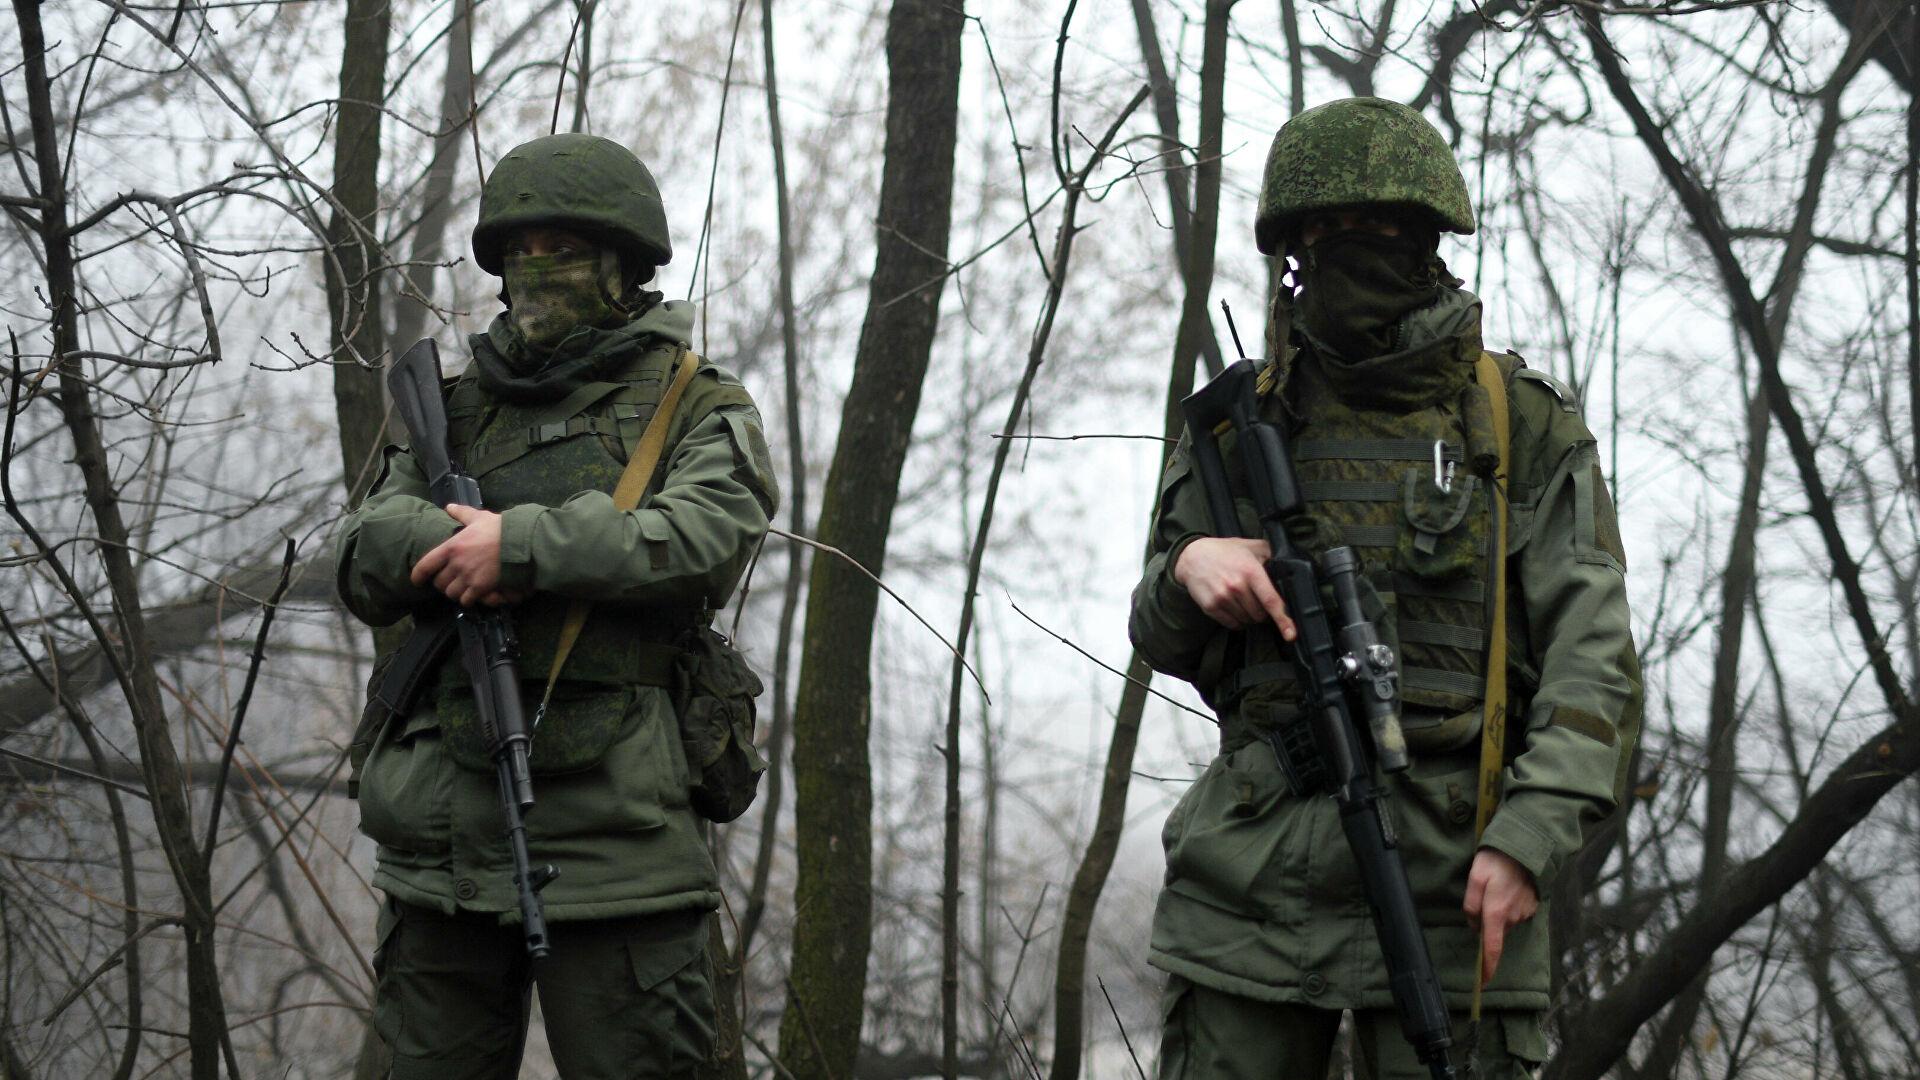 Гризлов: Украјина изазива ескалацију конфликта у Донбасу